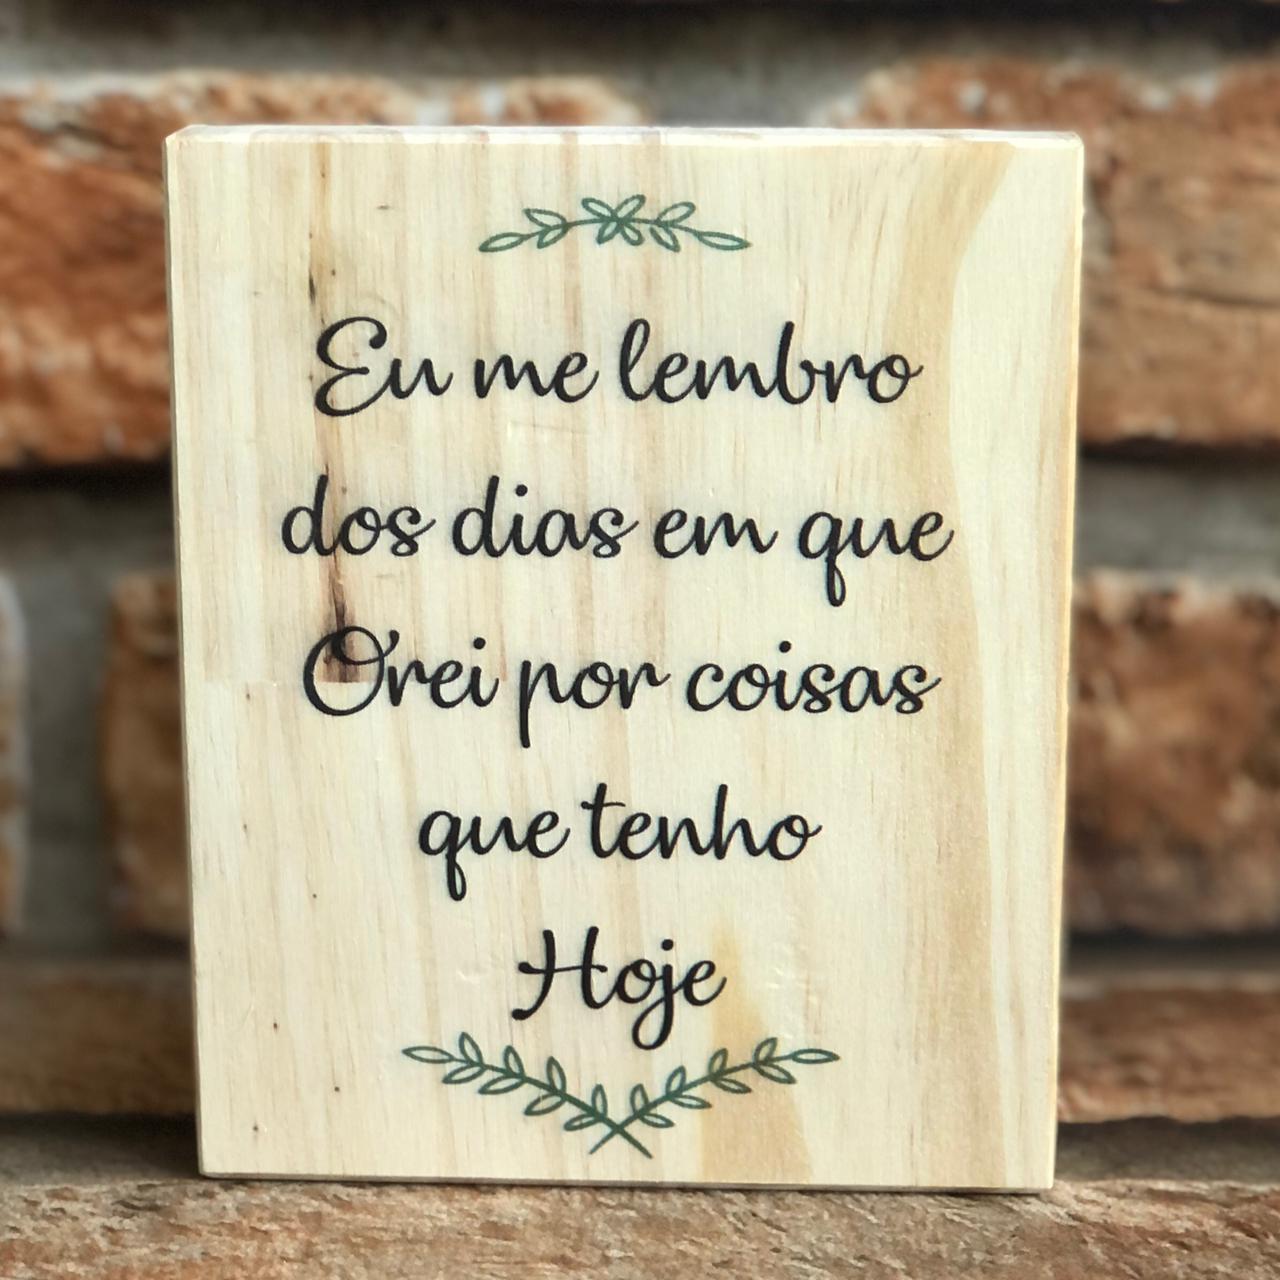 Calendário Decorativo Permanente de Madeira com Frases